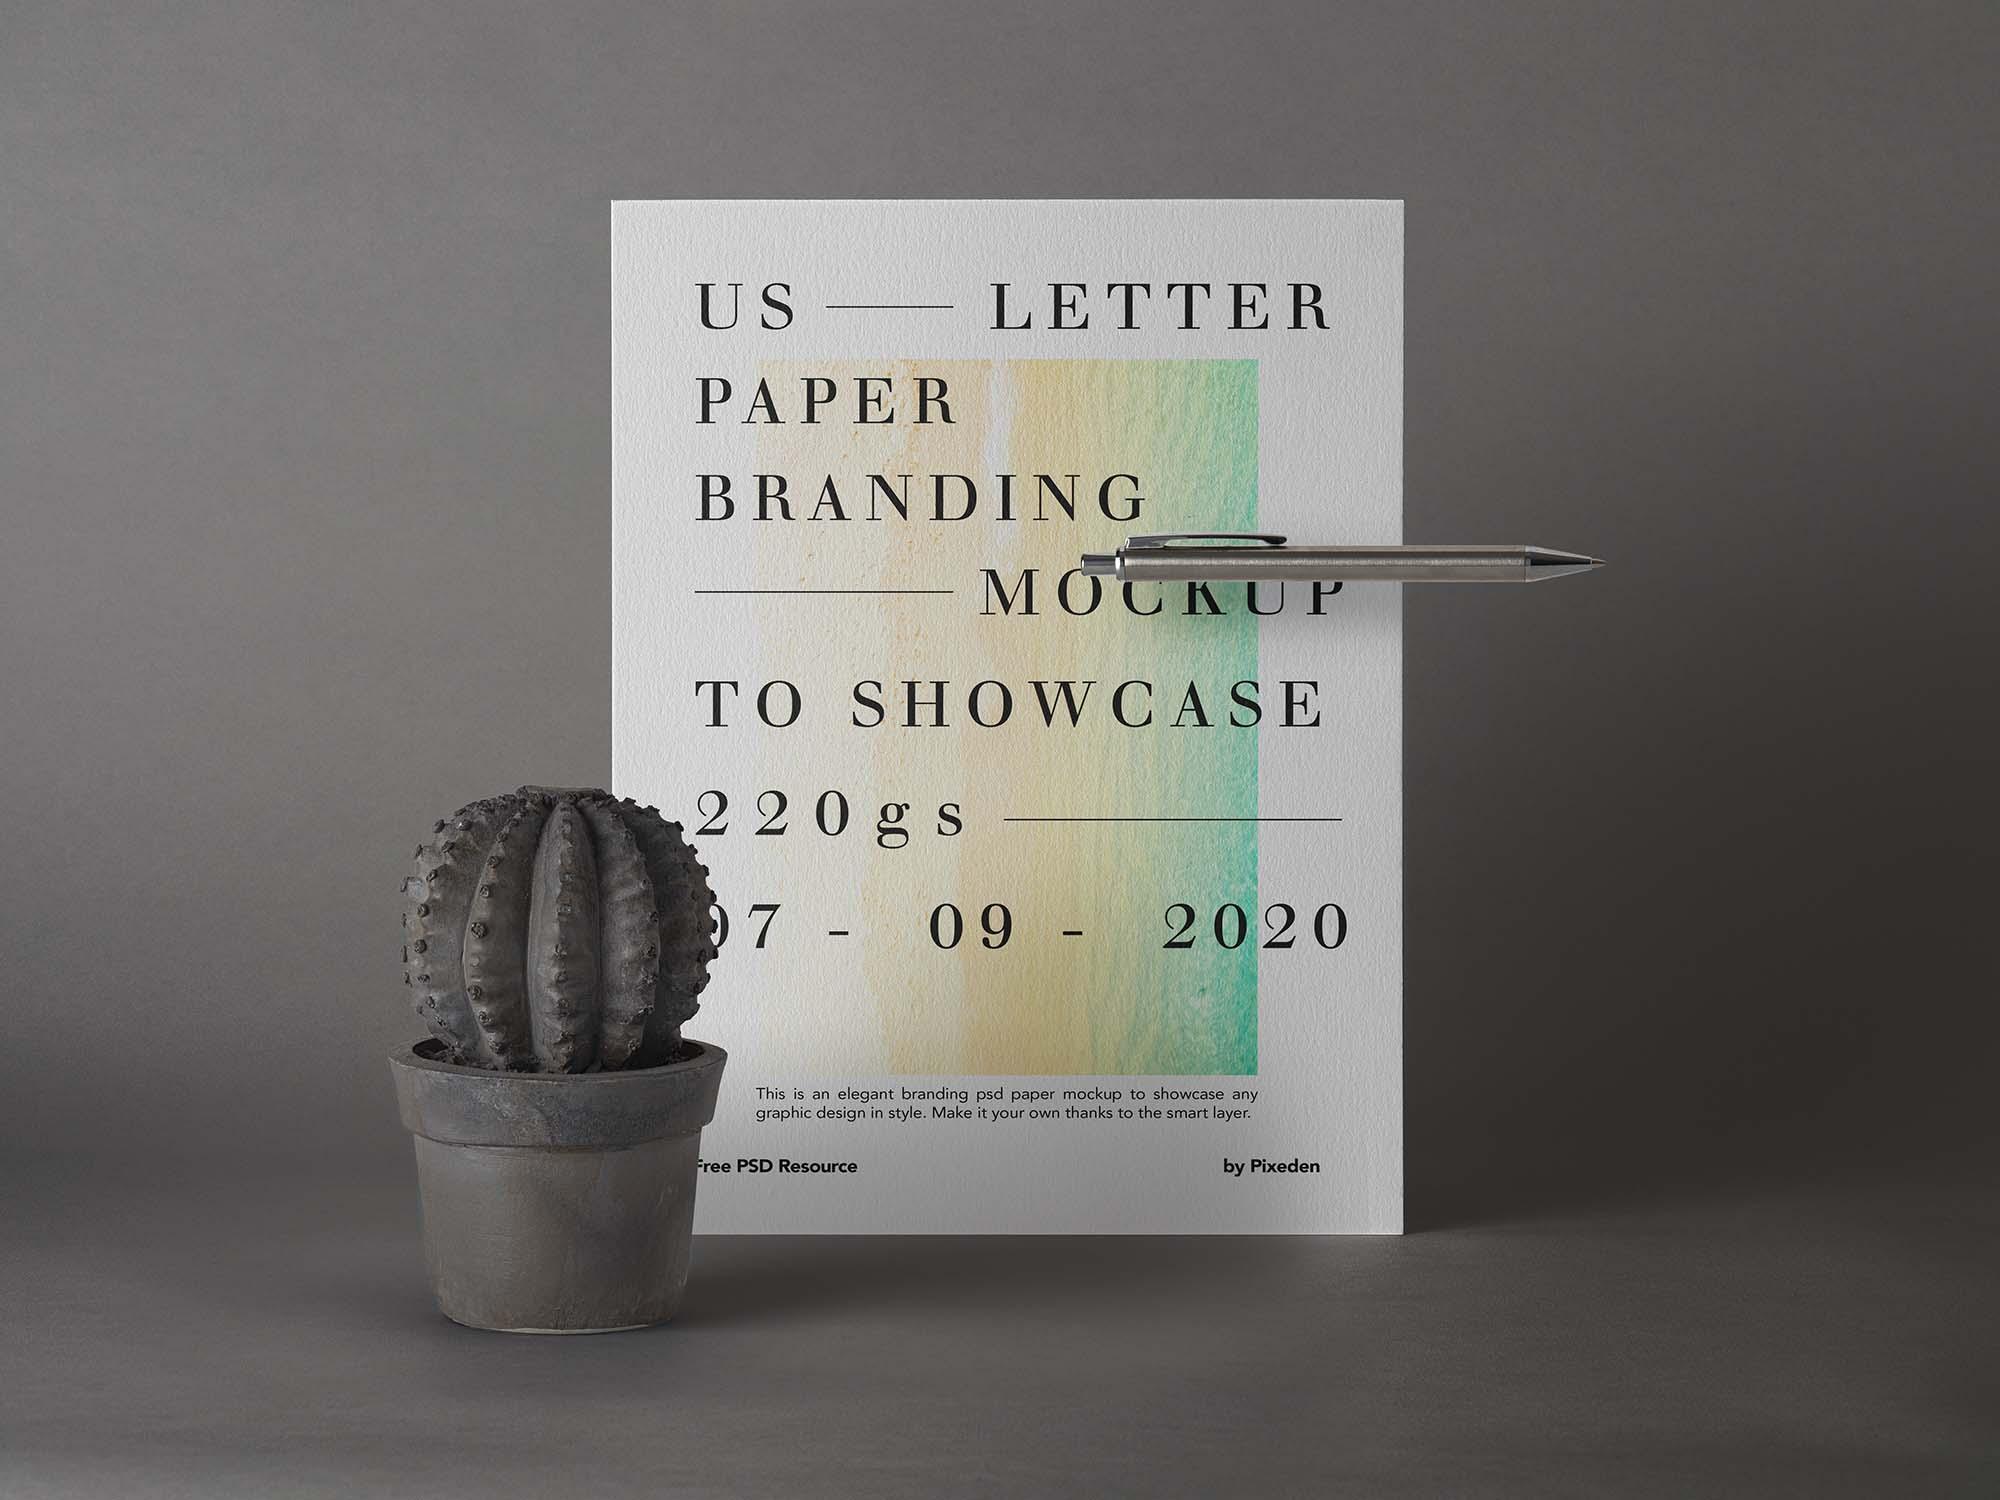 US Letter Brand Paper Mockup